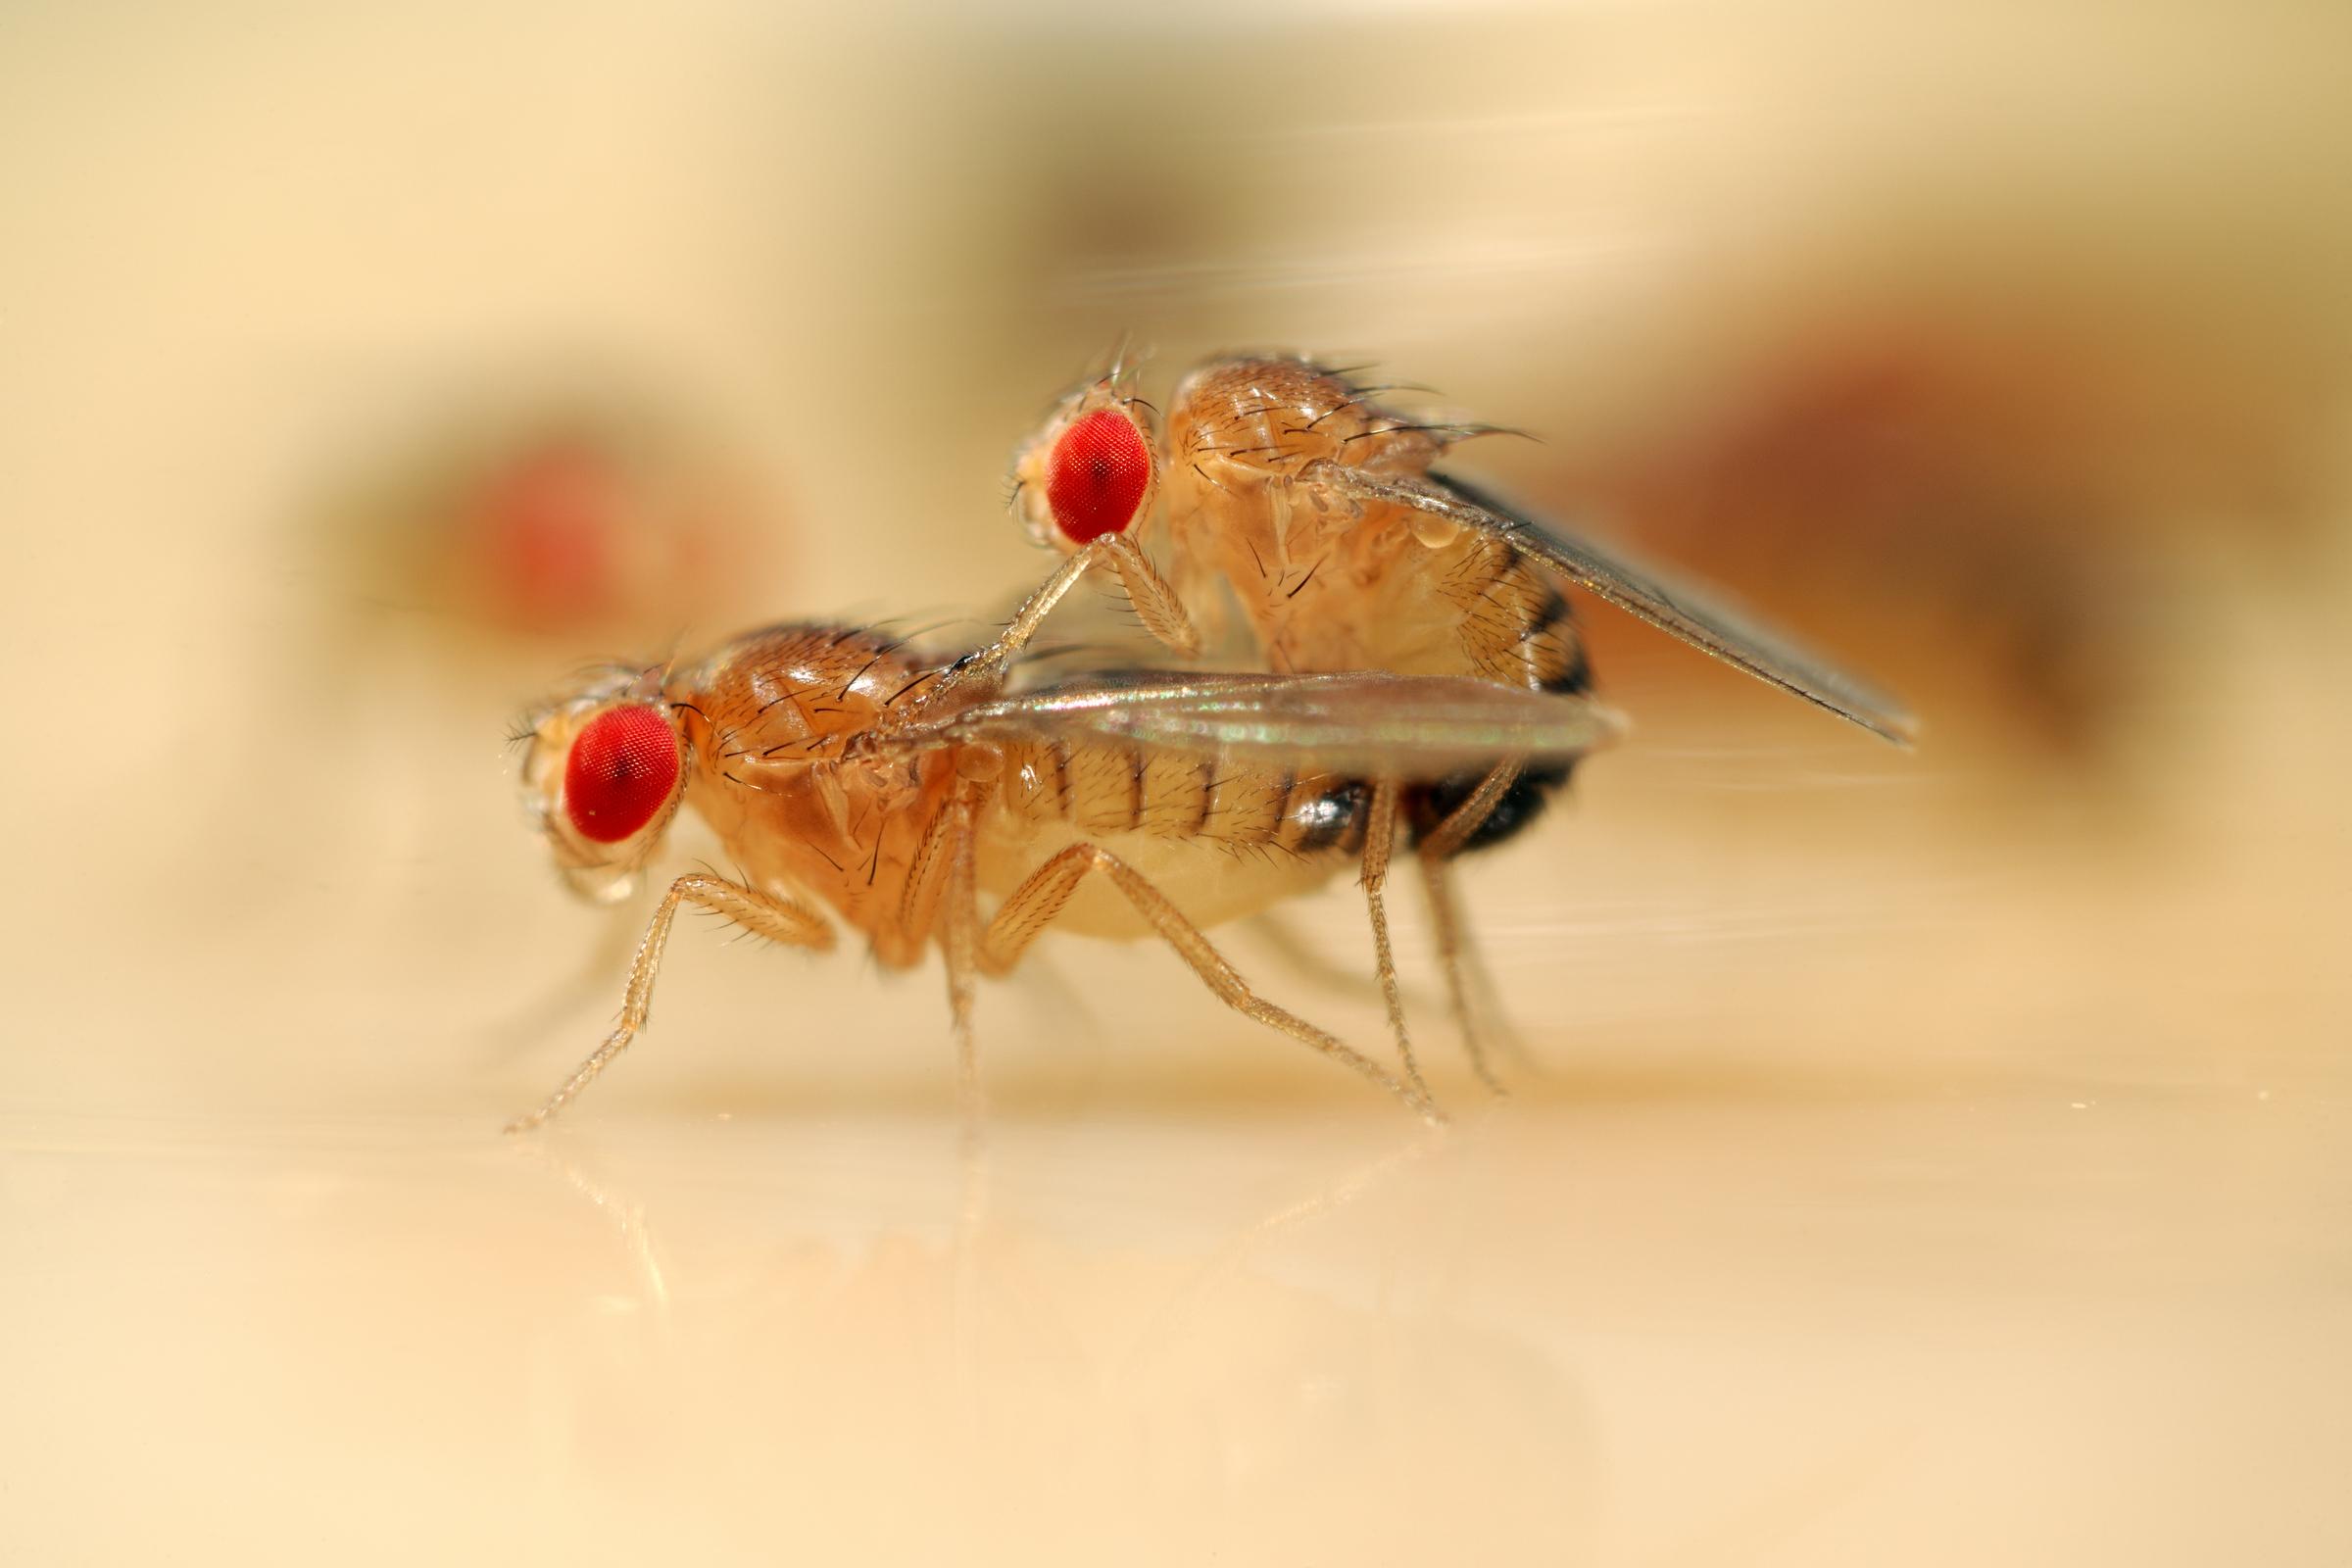 Desvelados los circuitos neuronales que utilizan las moscas hembras para decidir aparearse